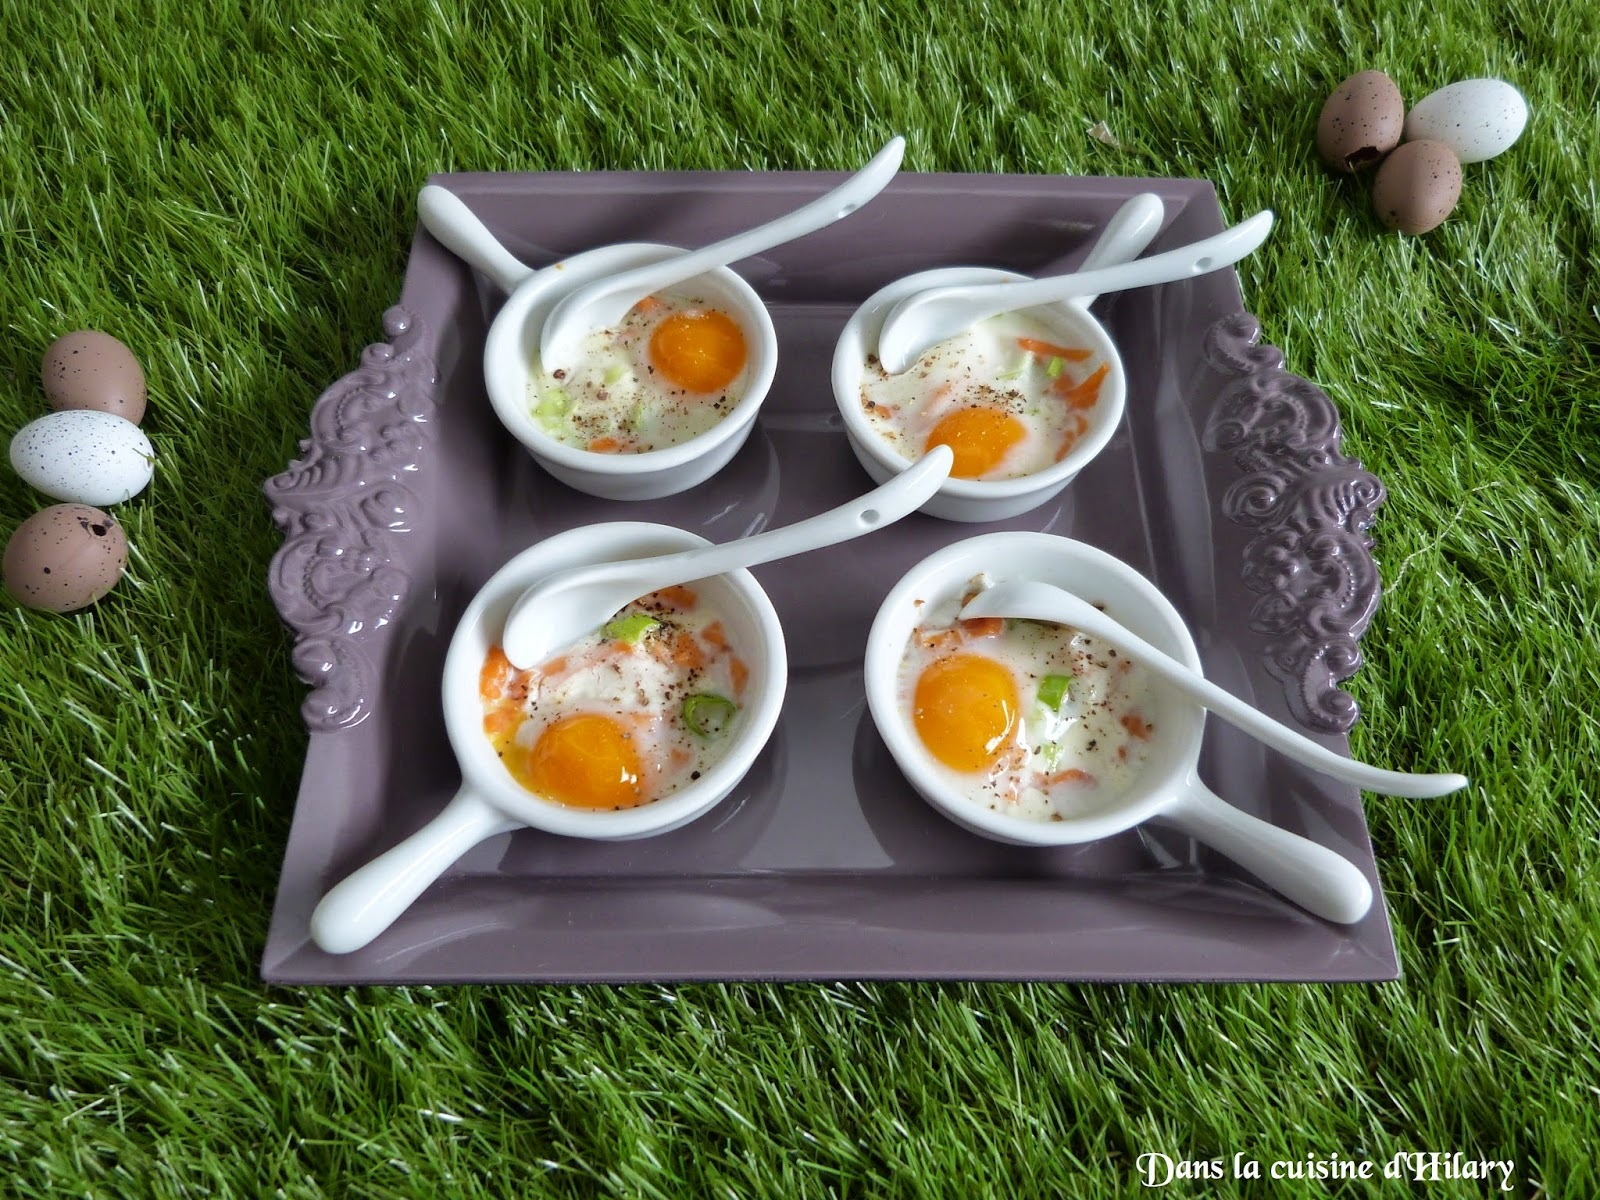 Oeufs de caille cocotte au saumon fumé / Quail egg casserole with smoked salmon